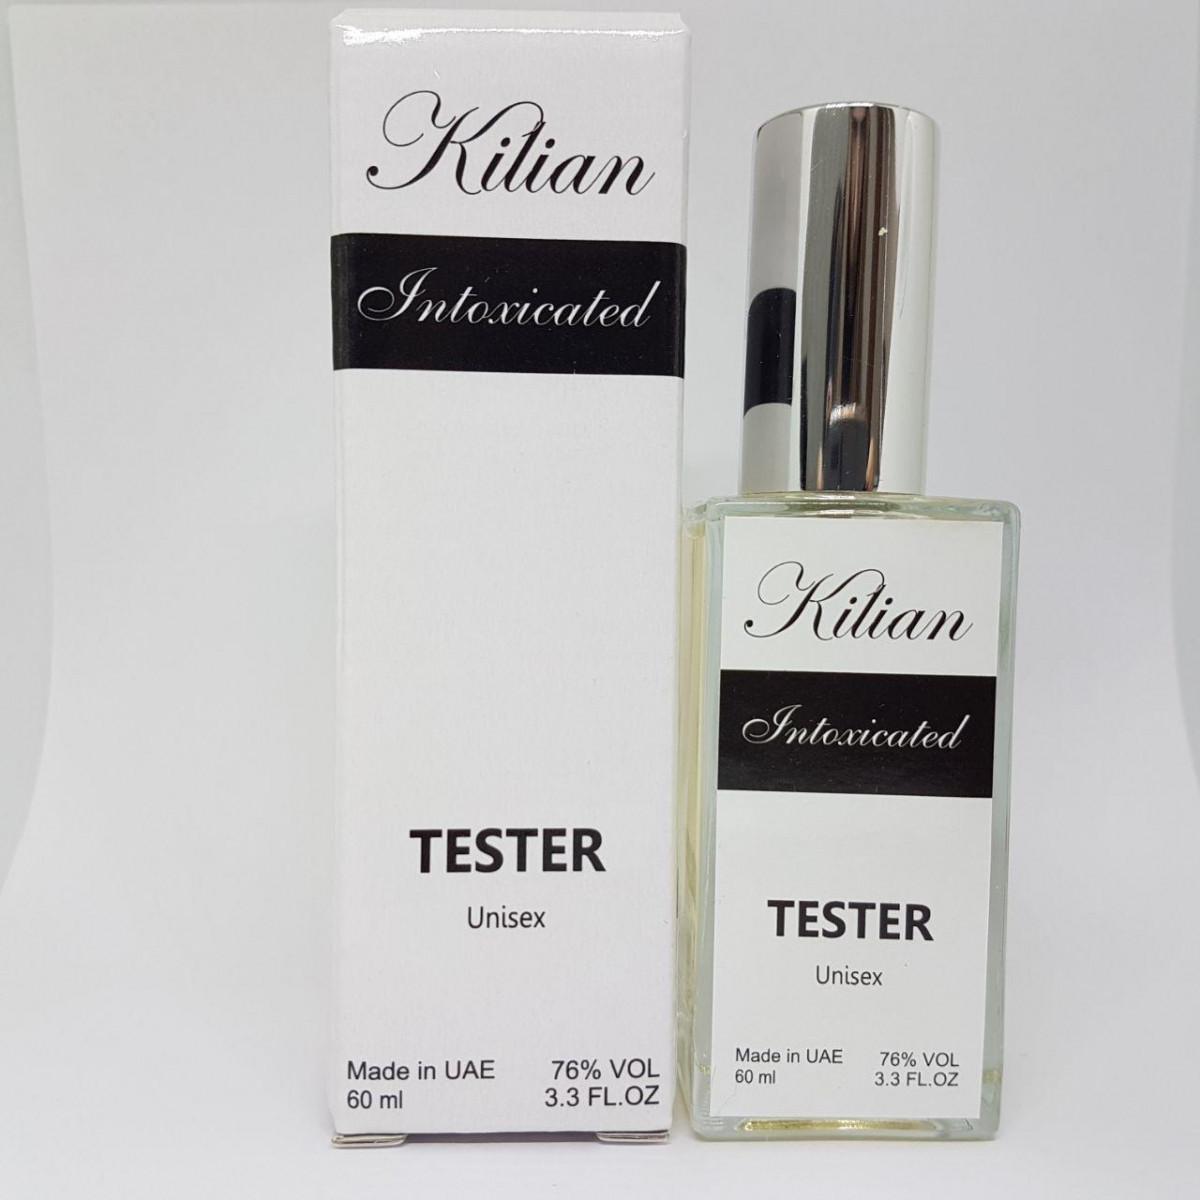 Kilian Intoxicated - Dubai Tester 60ml